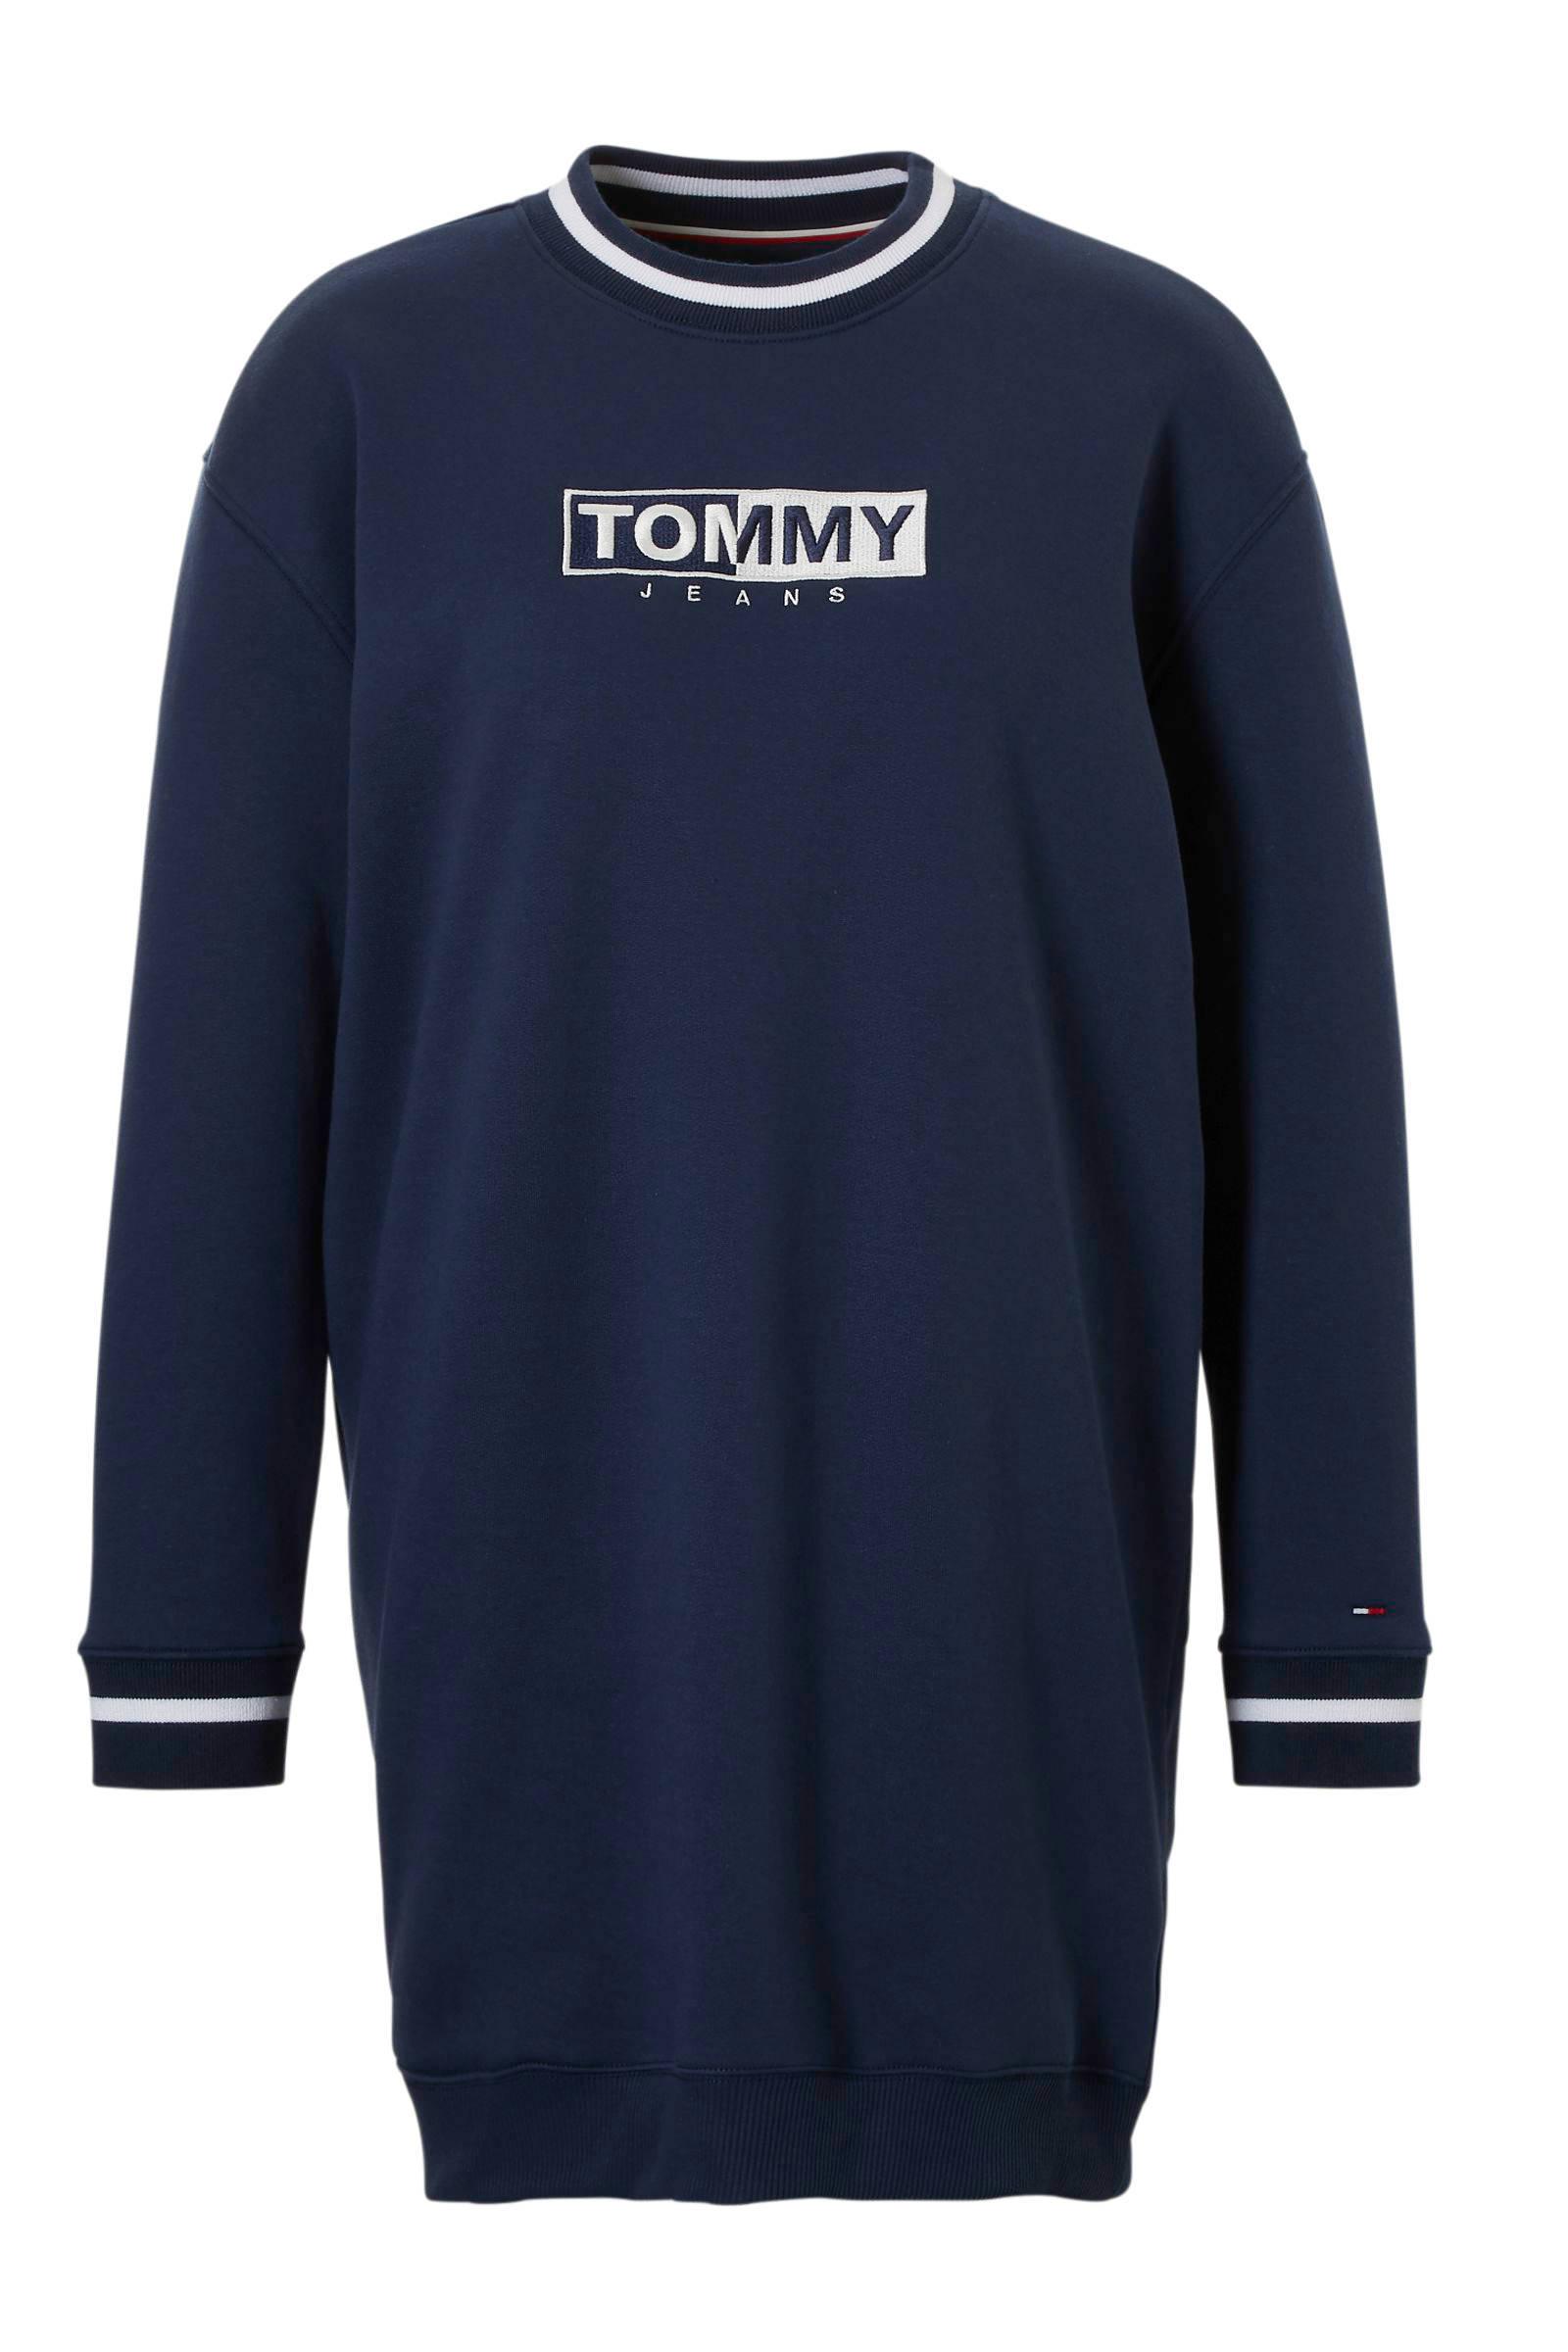 Jeans sweatjurk Jeans logo met Tommy sweatjurk Tommy met qIwF7g